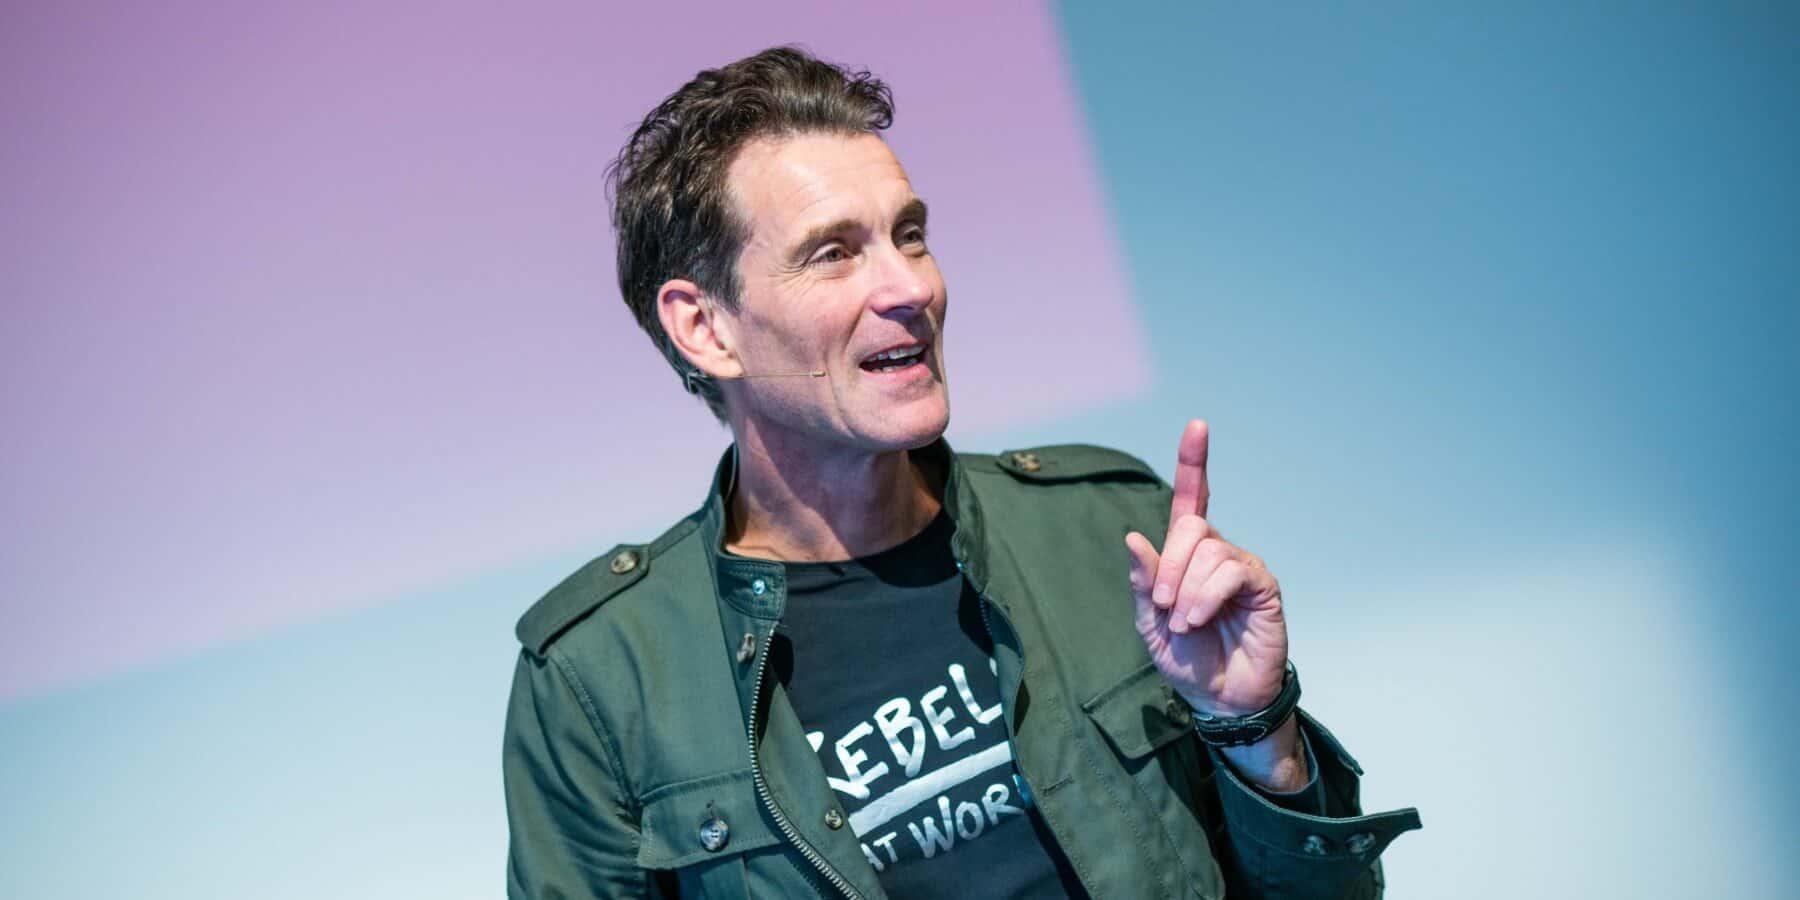 Vortrag Dr. Peter Kreuz VERGEUDE KEINE KRISE! 28 rebellische Ideen für Führung, Selbstmanagement und die Zukunft der Arbeit